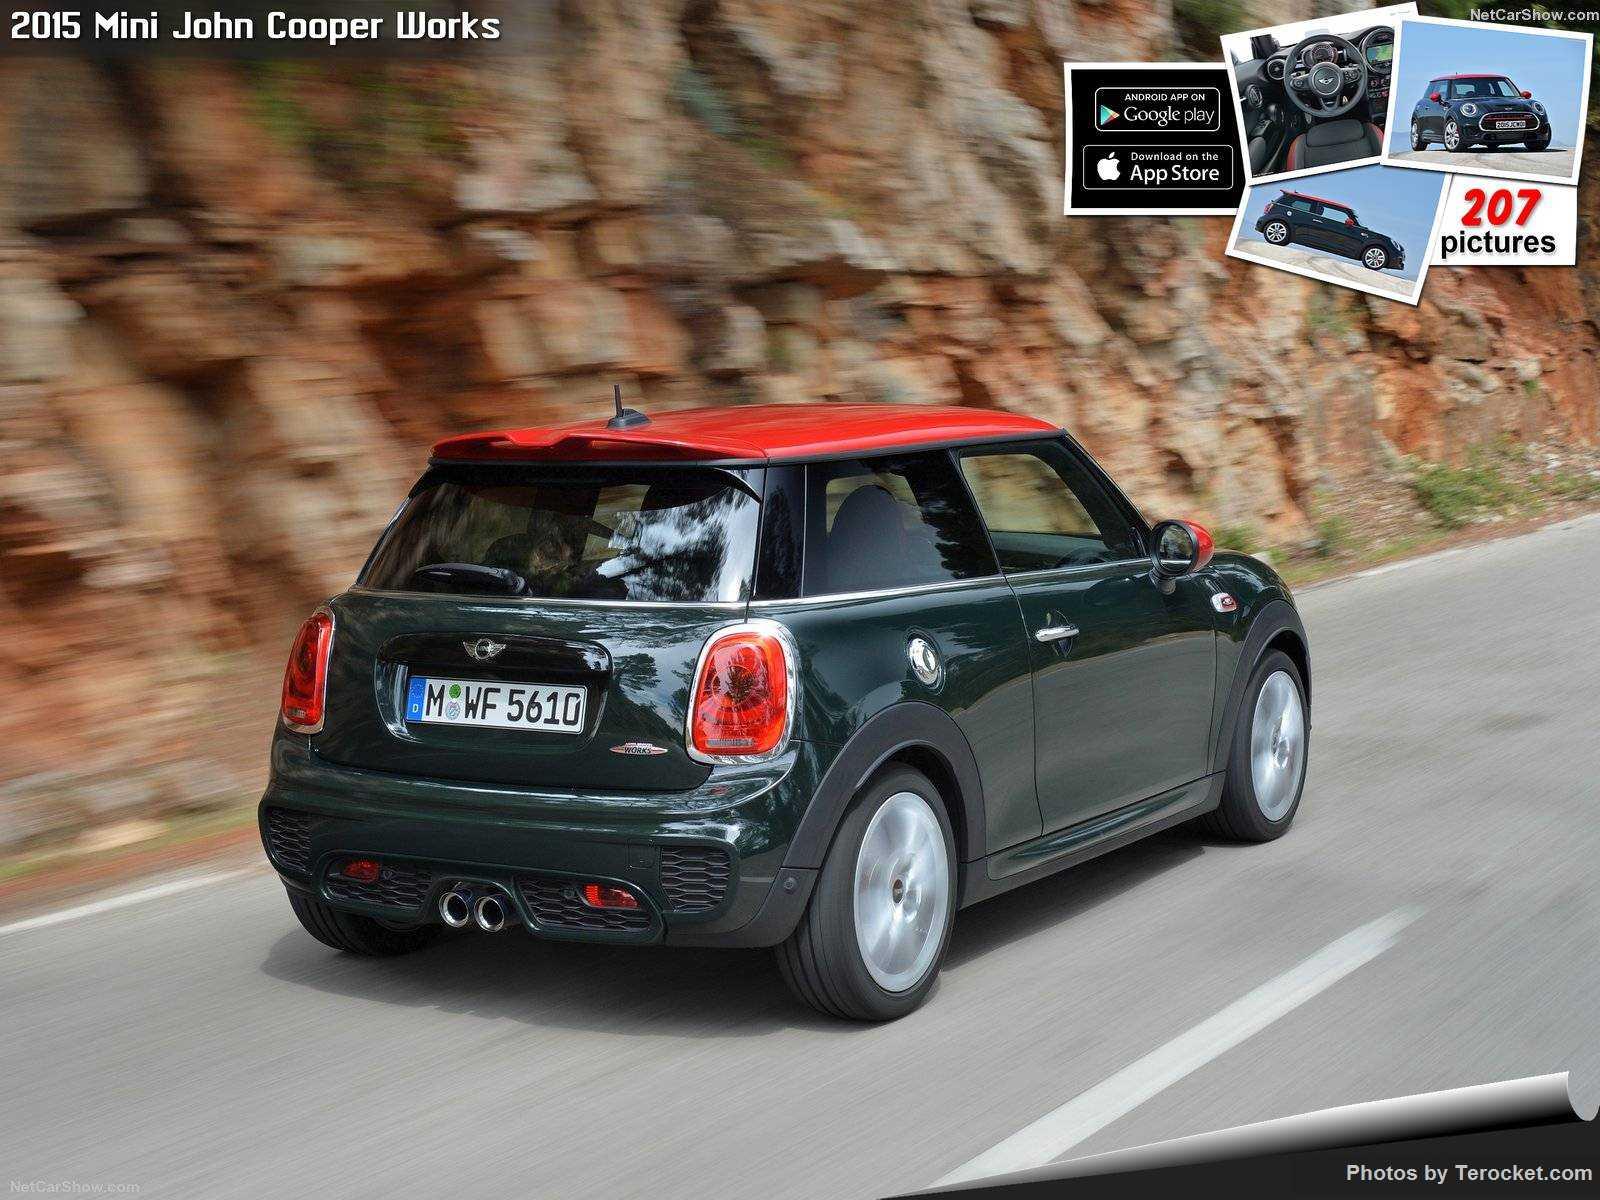 Hình ảnh xe ô tô Mini John Cooper Works 2015 & nội ngoại thất